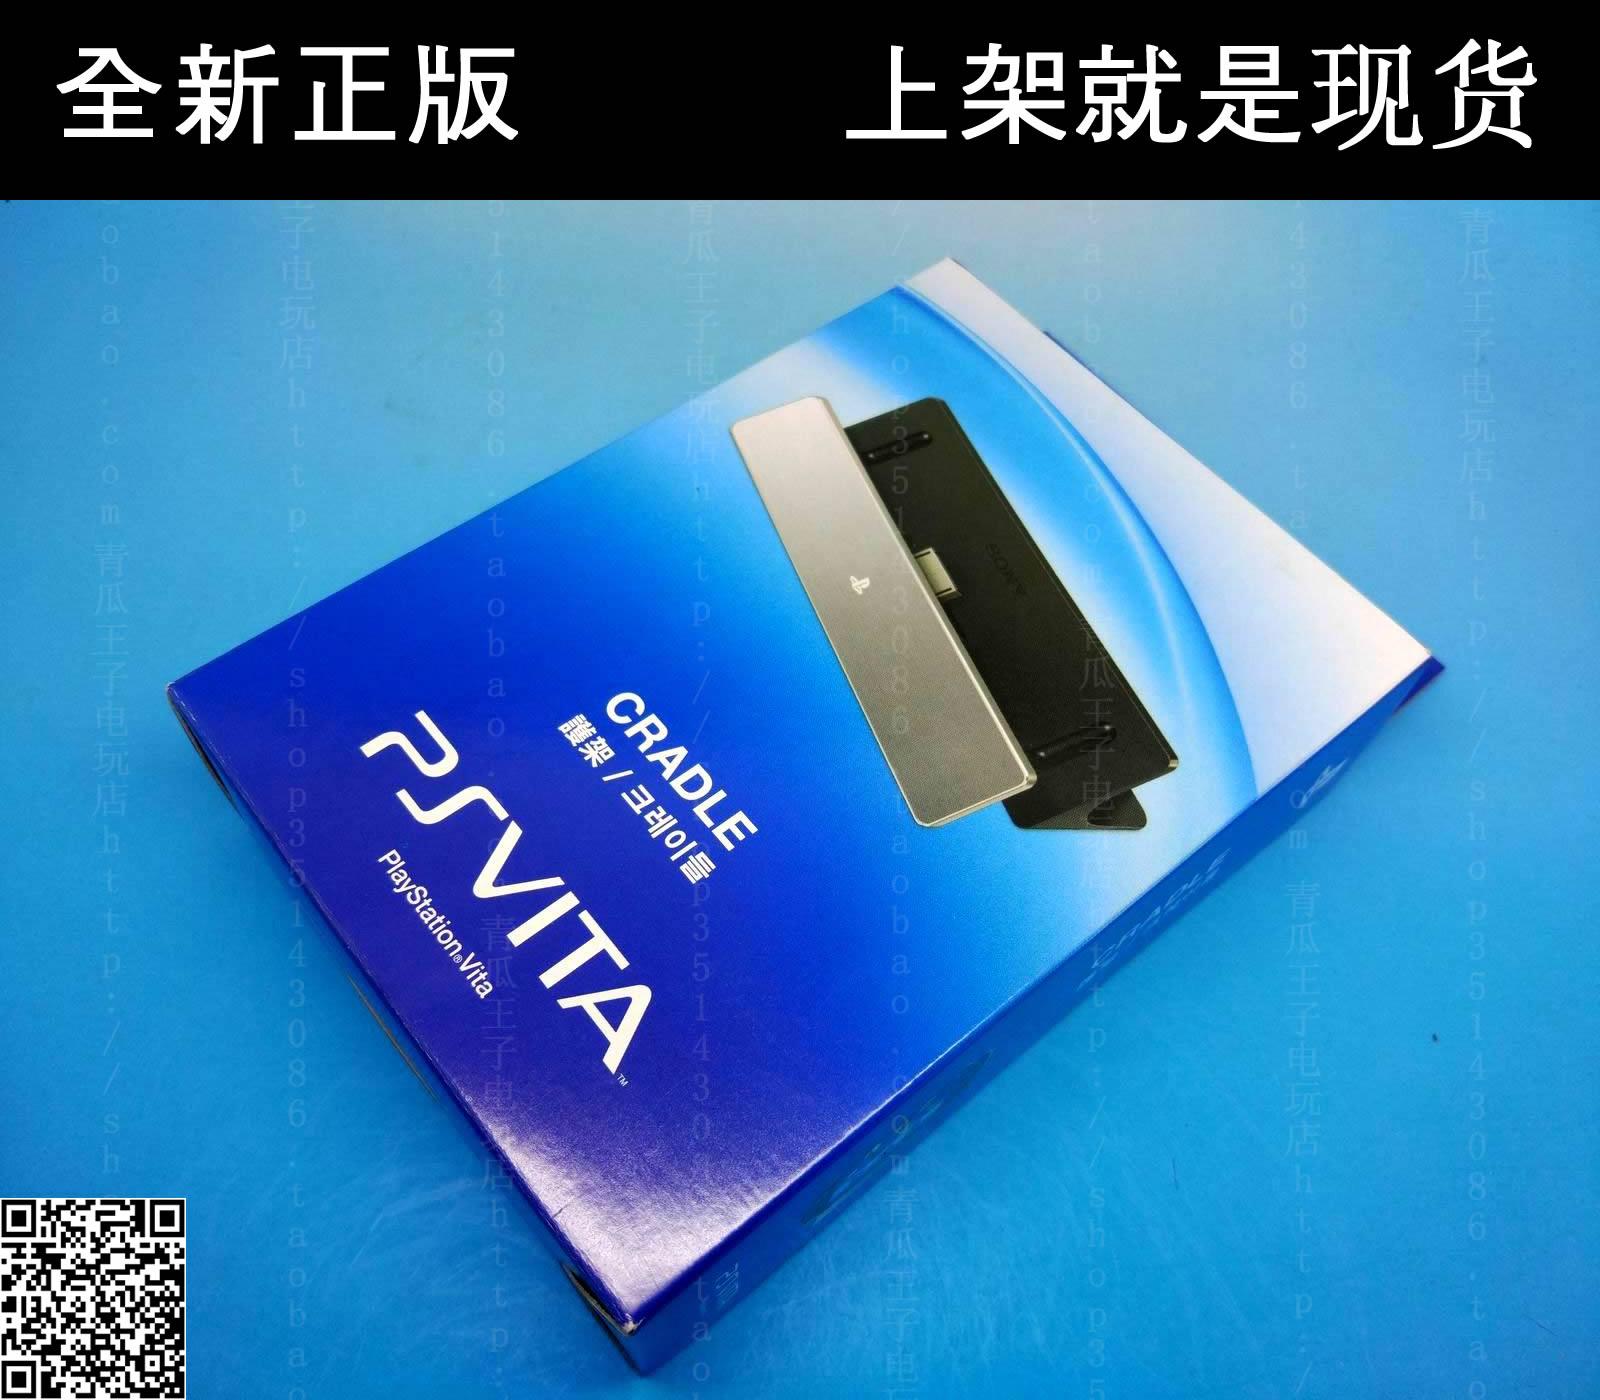 Абсолютно новый оригинальный издание SONY PSVita PSV1000 база стоять зарядка сиденье hong kong версия лицензированный